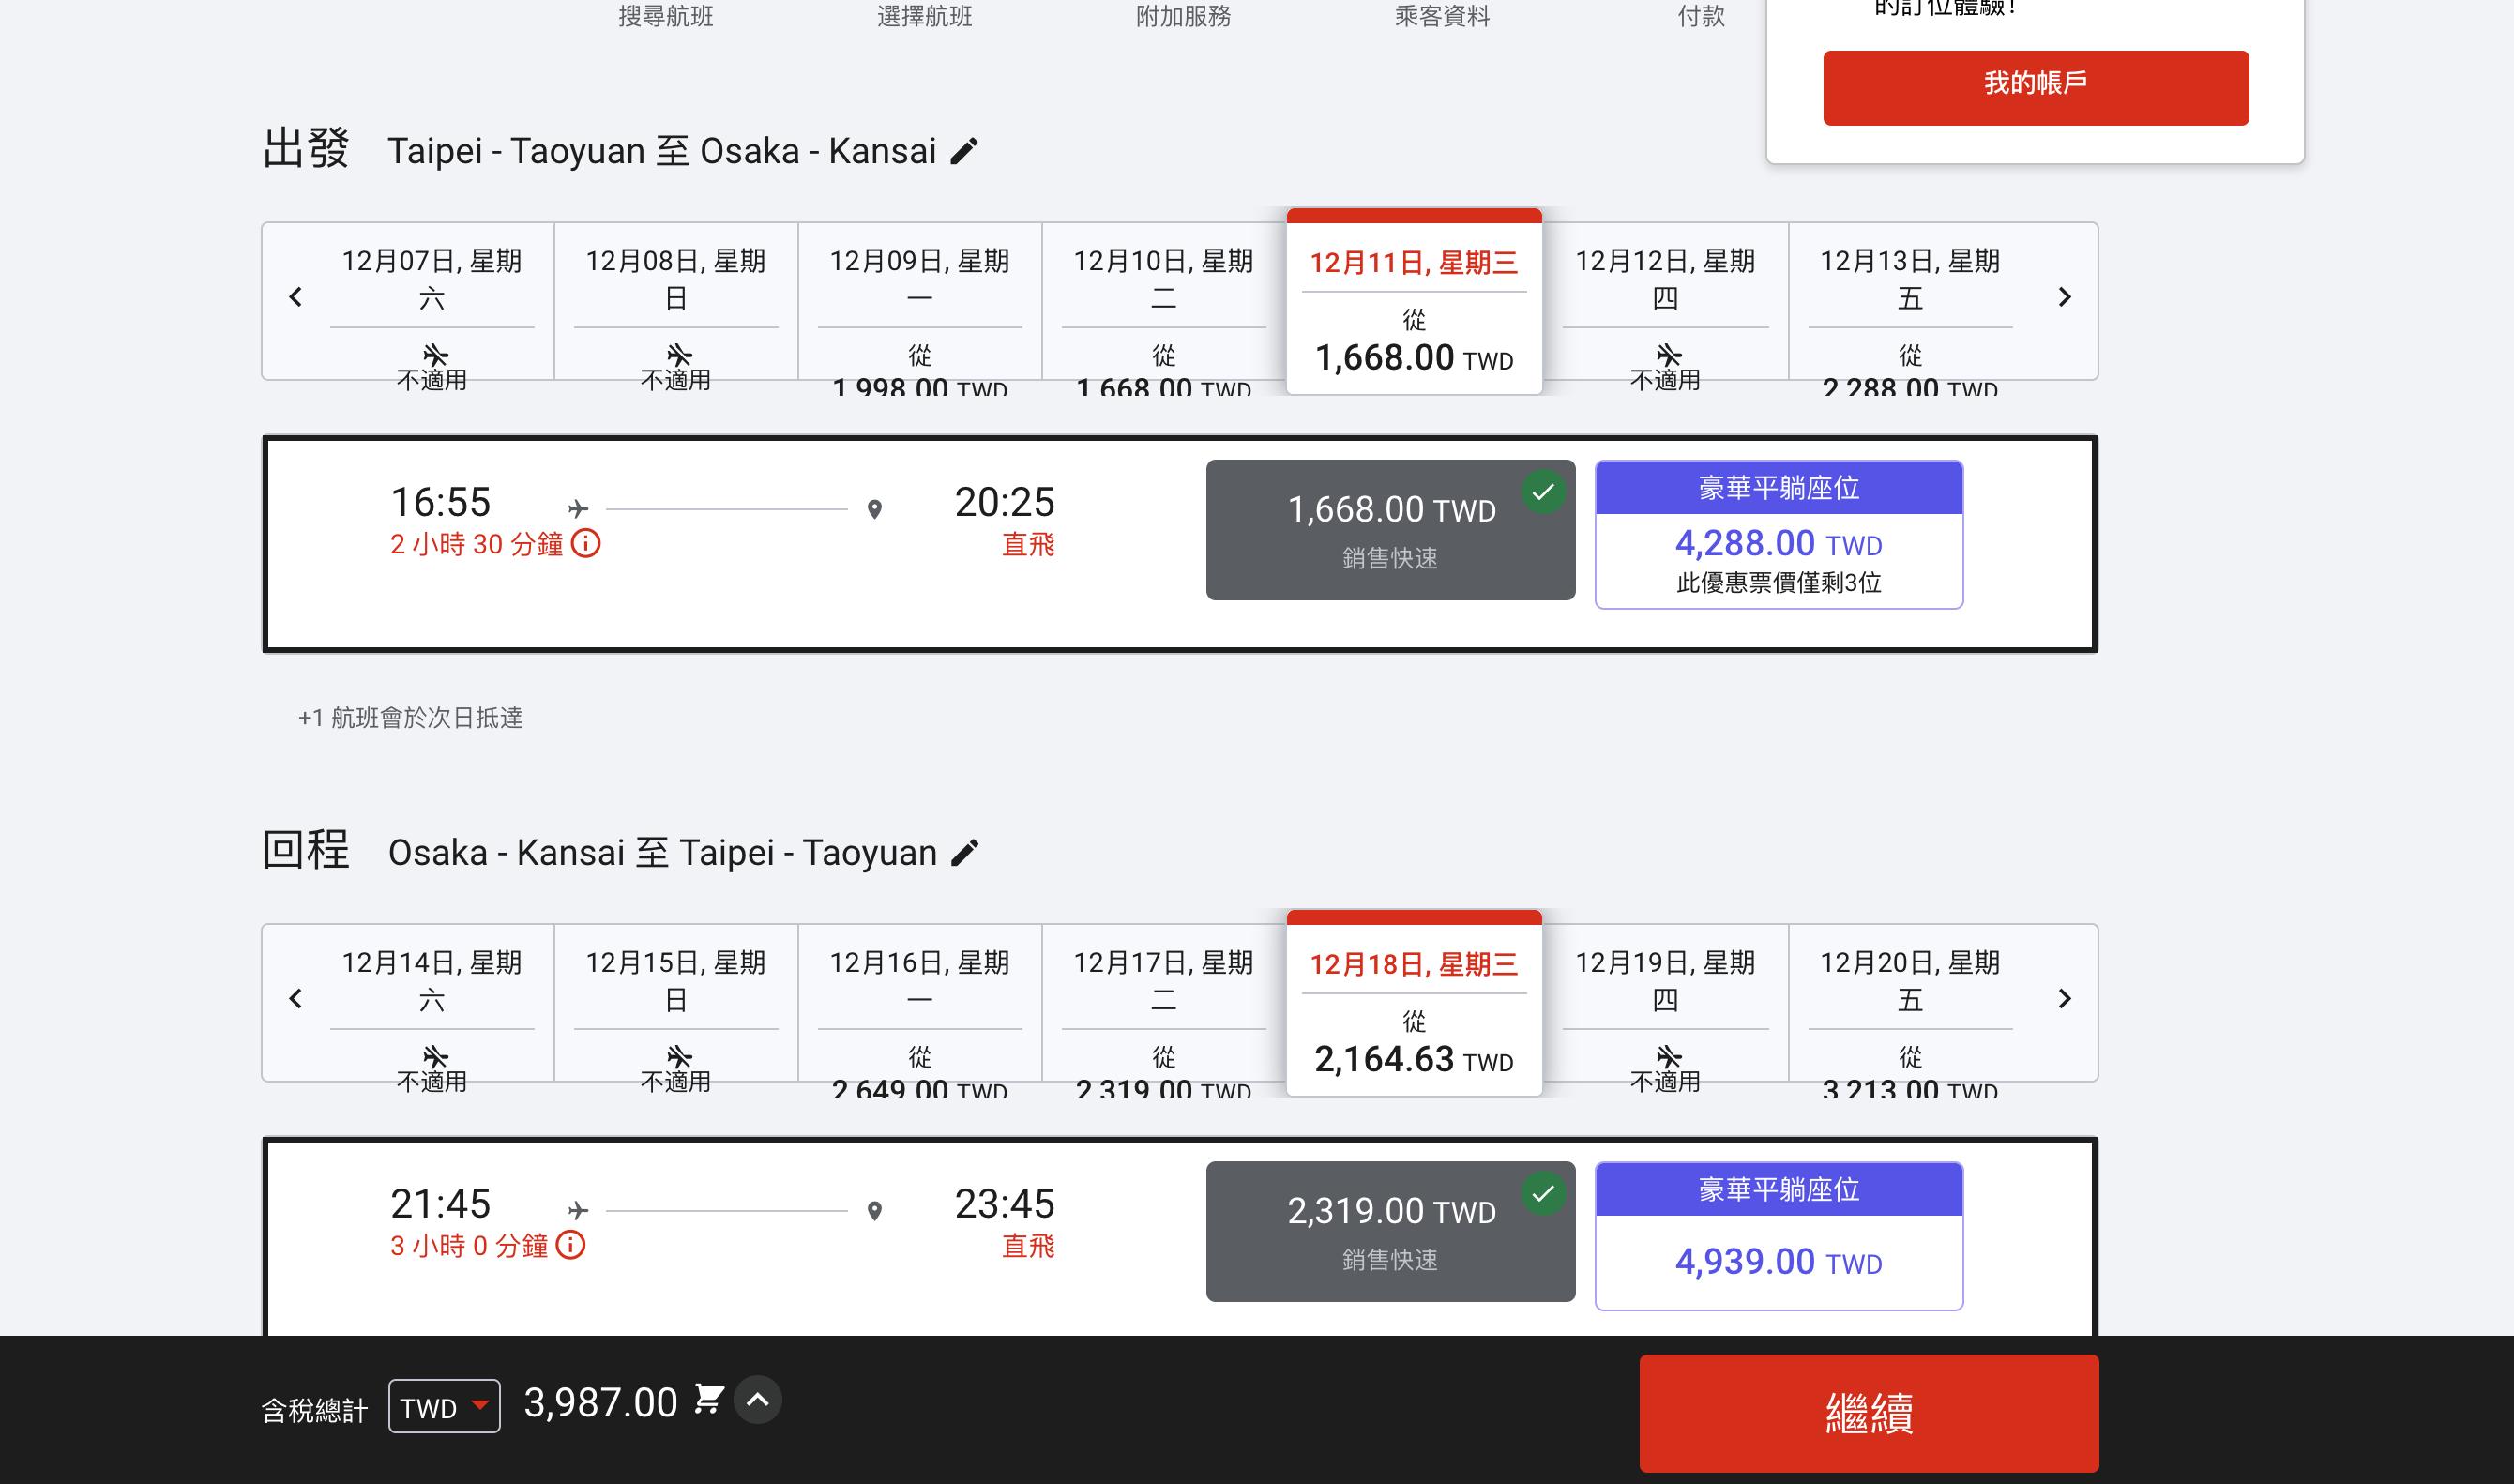 亞航Big會員促銷|11/03 凌晨起超低價促銷(不過偷跑了,現在可以買)~查票:108.11.2